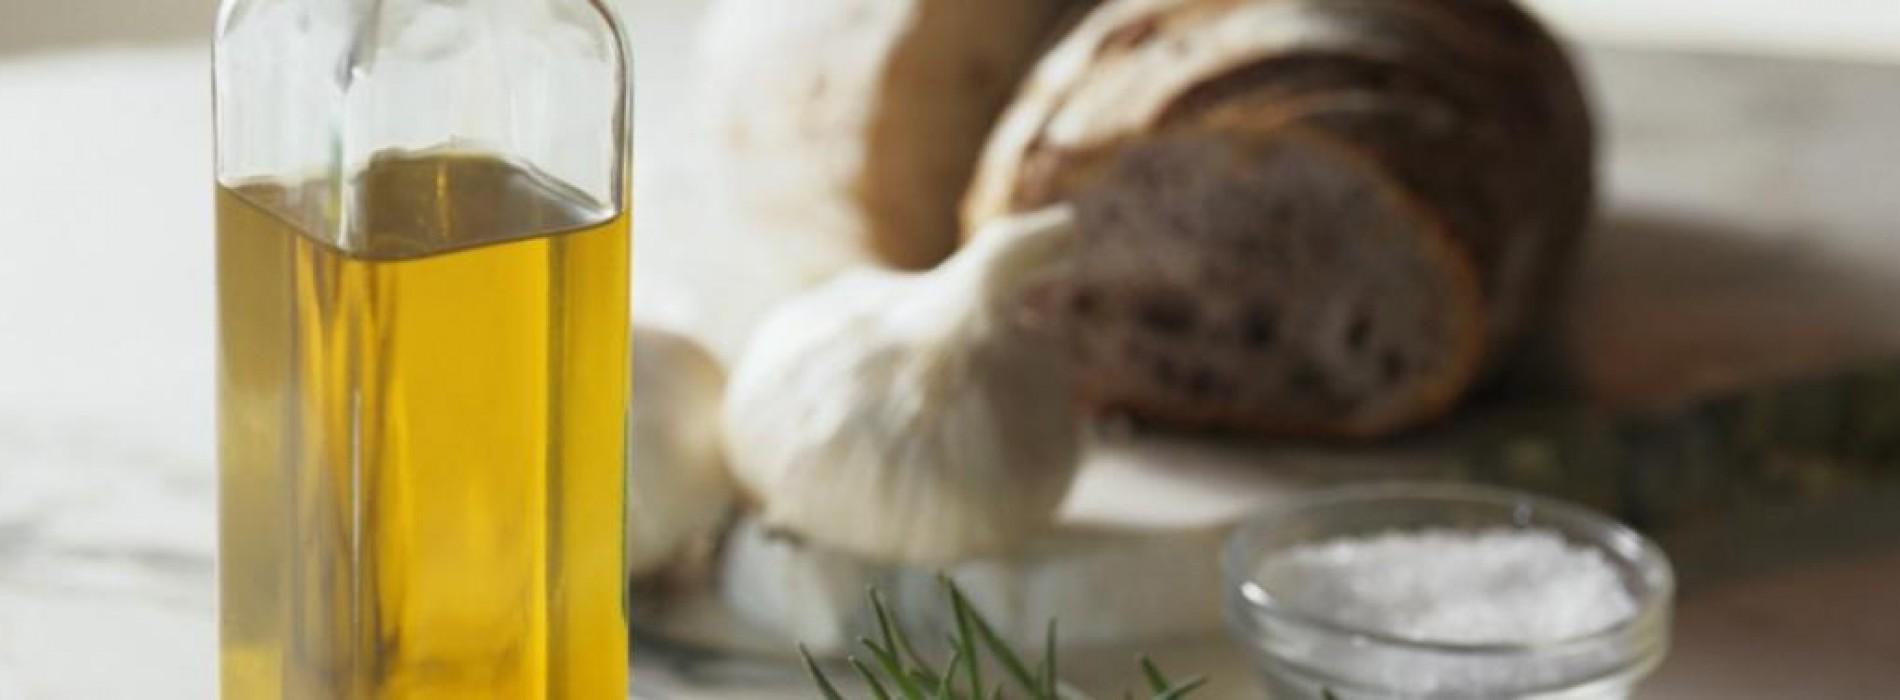 Mediterraan dieet wint opnieuw. Versterkt je botten